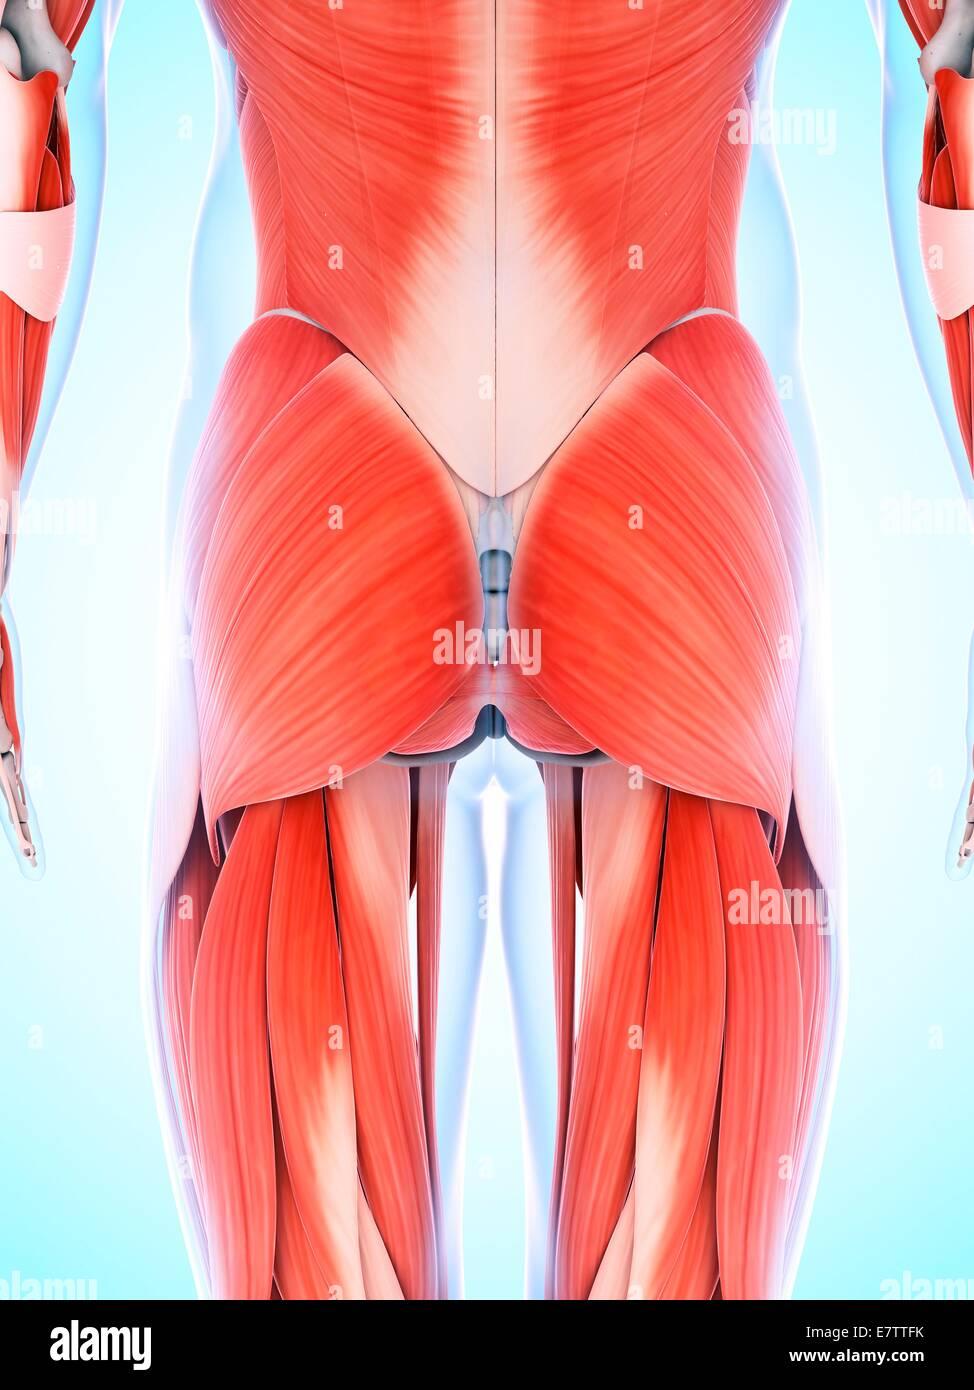 Sistema muscular humano de las nalgas, equipo de ilustraciones Foto ...